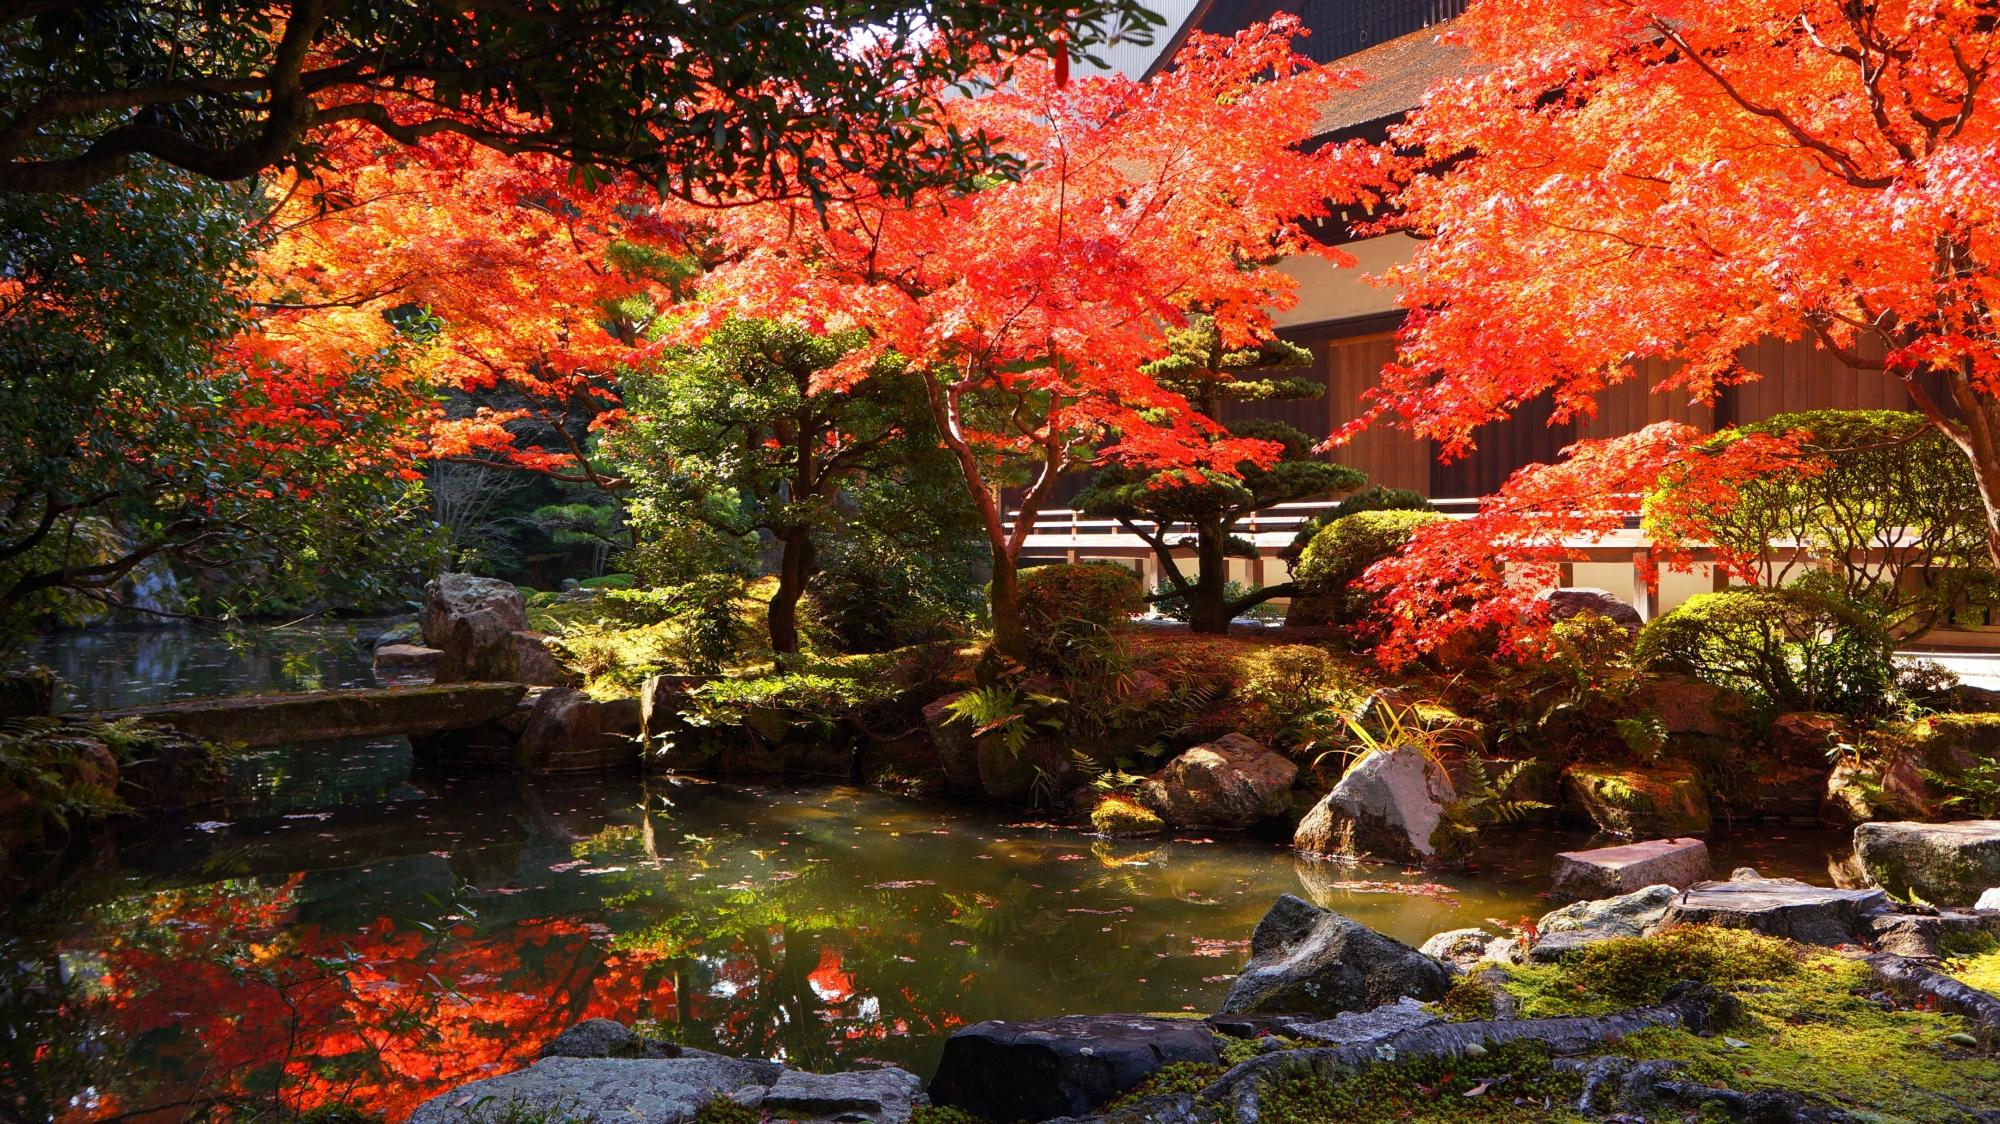 知恩院方丈庭園の水辺を染める華やかな紅葉と水鏡